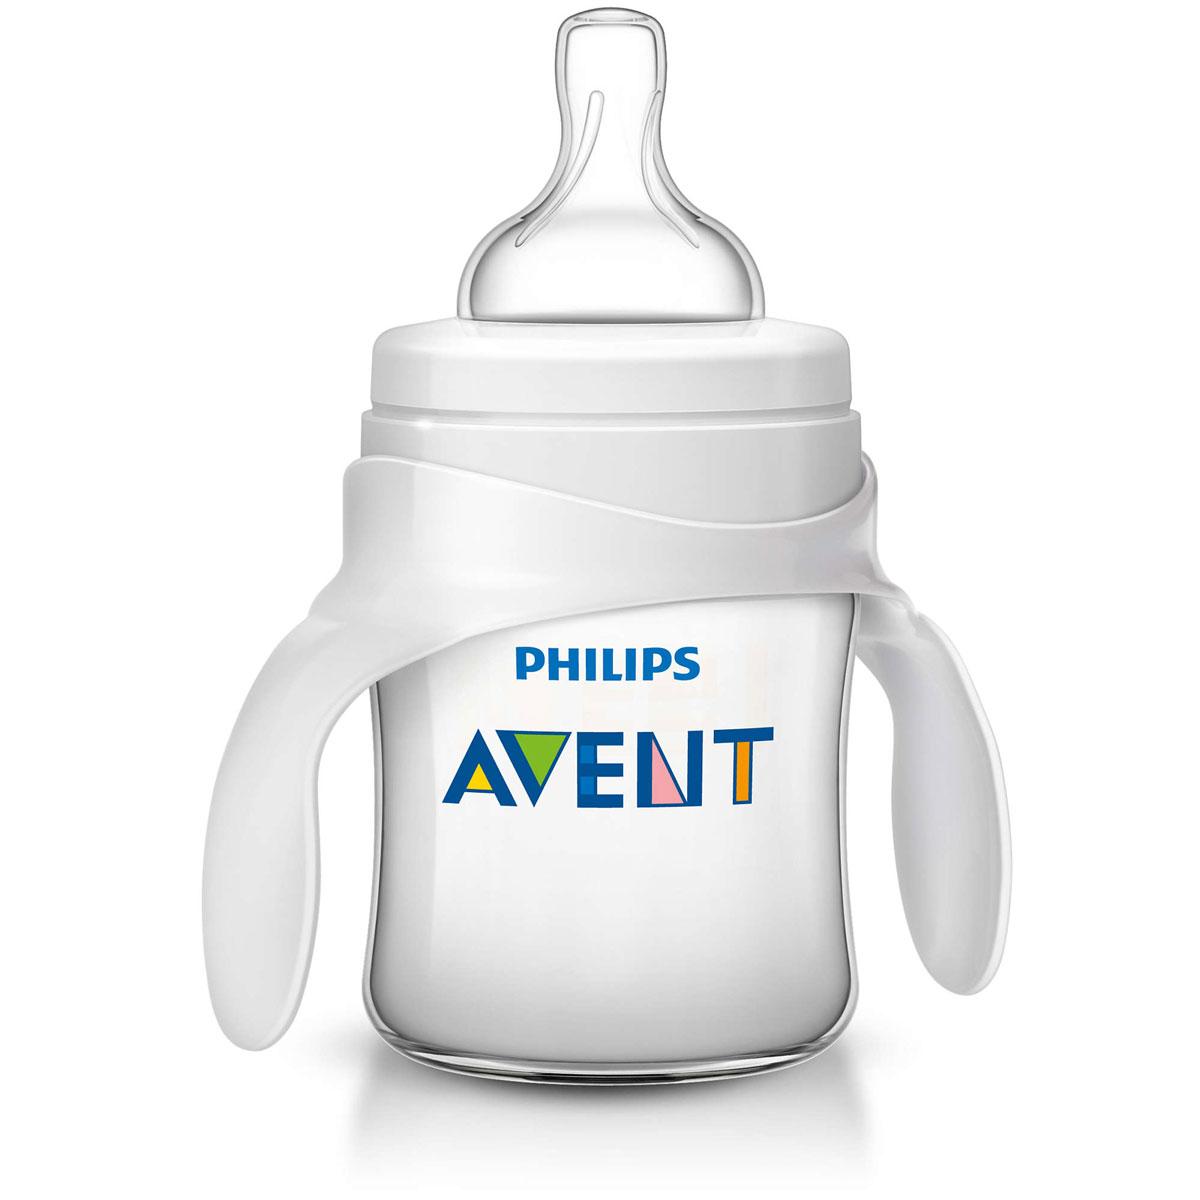 Philips Avent Тренировочный набор для кормления SCF625/02 philips avent соска philips avent natural 2 шт поток средний c 3 мес